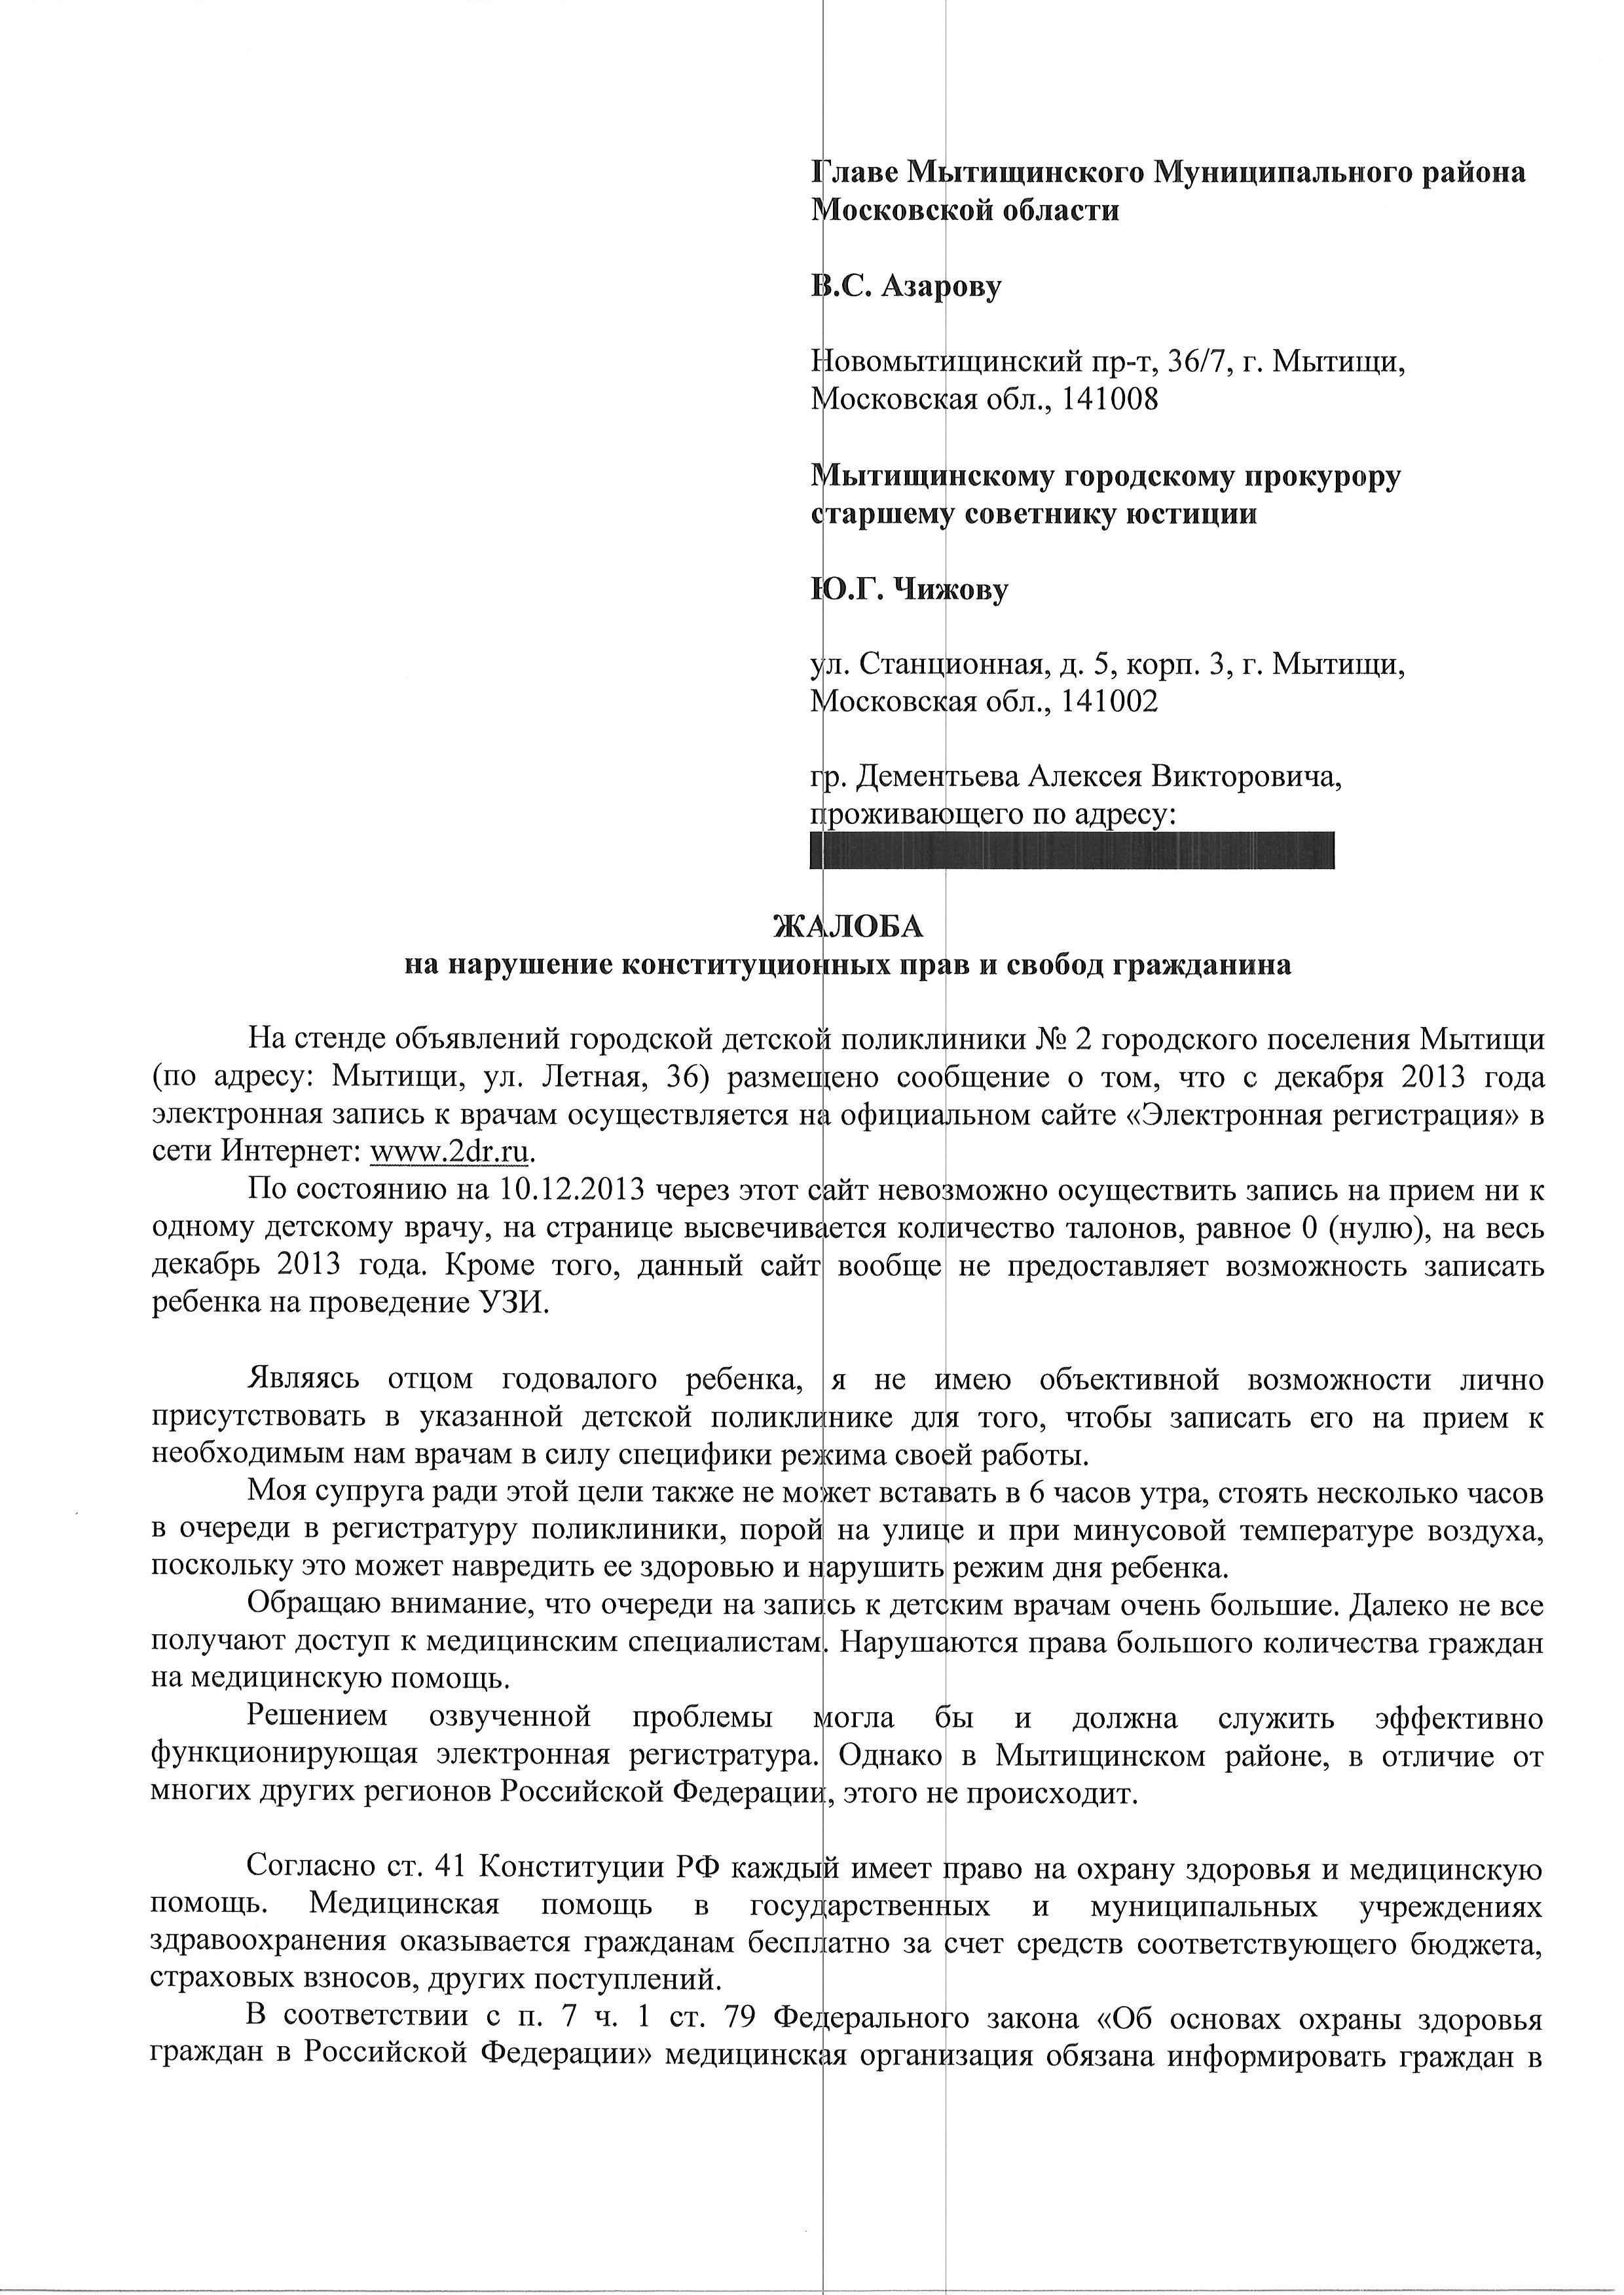 Жалоба Дементьева (лист 1)